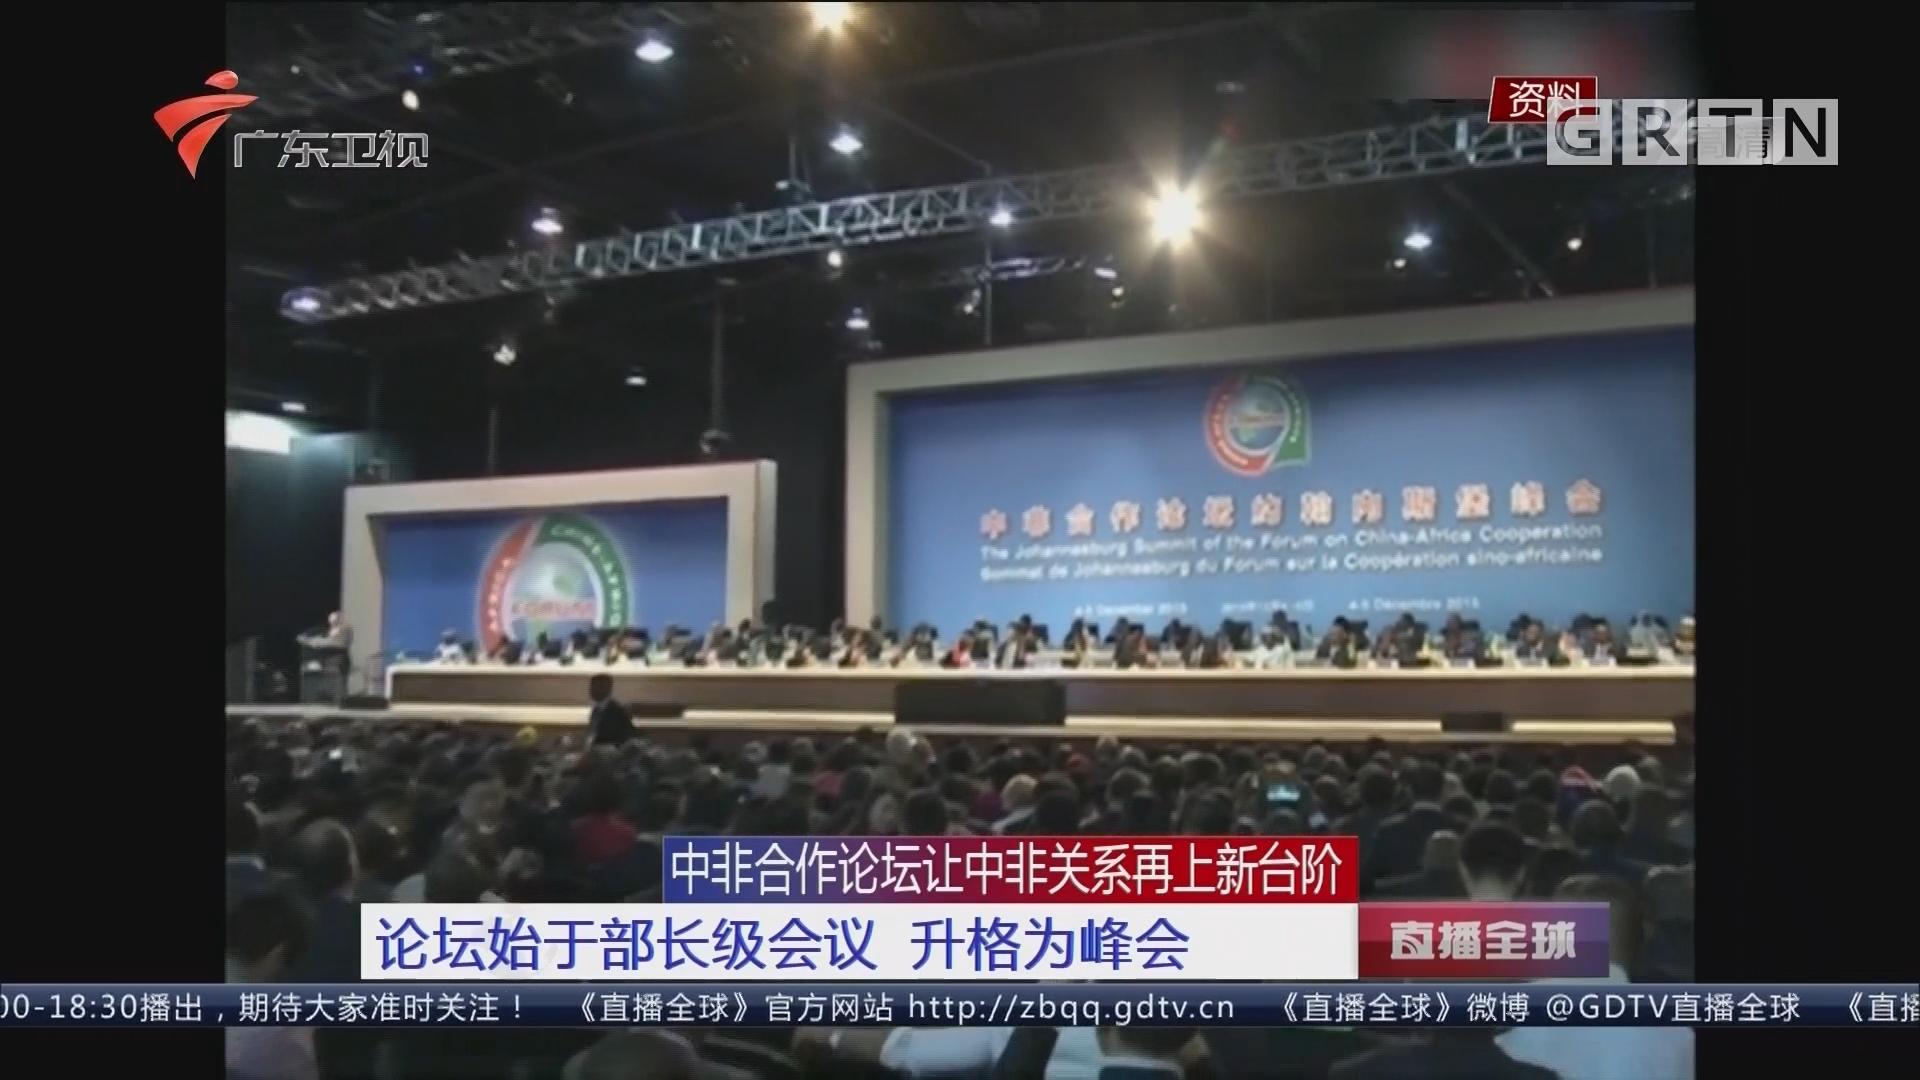 中非合作论坛让中非关系再上新台阶:论坛始于部长级会议 升格为峰会